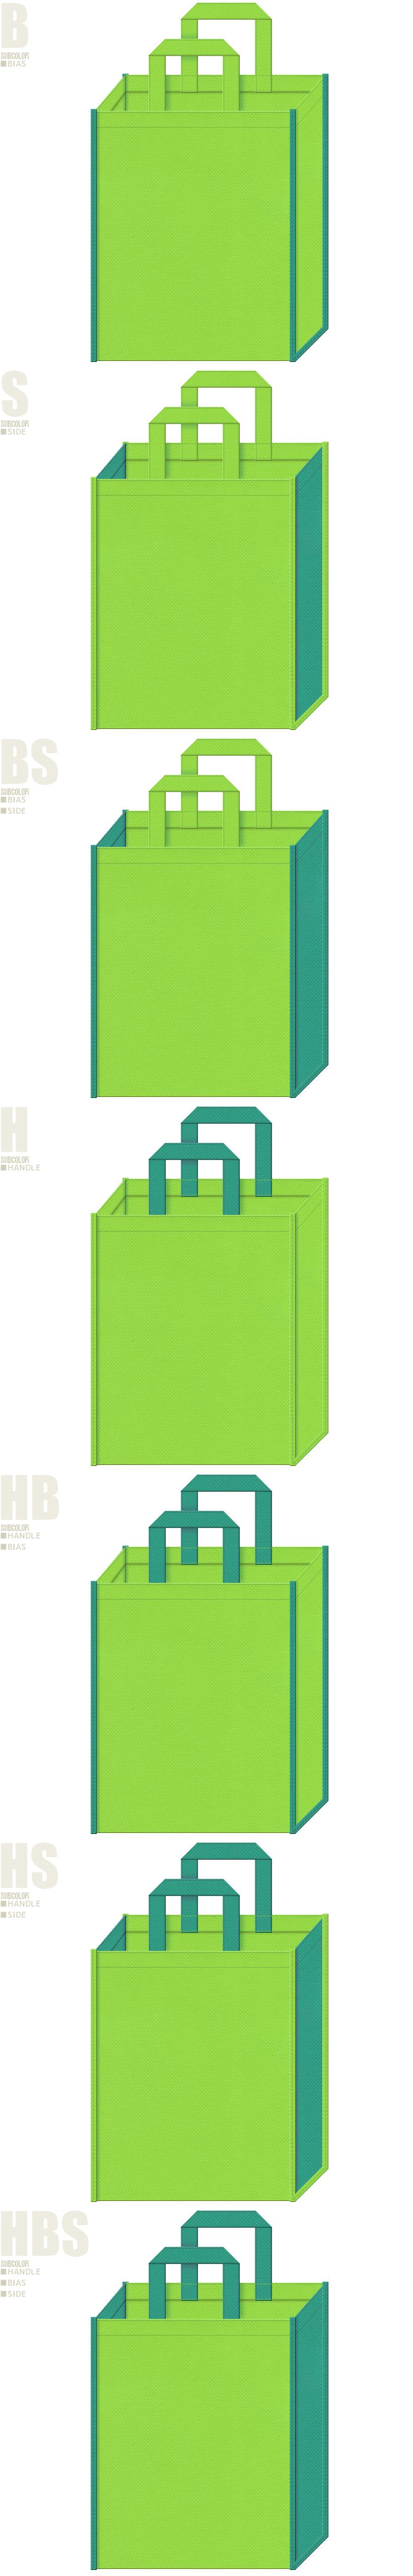 カッパ・カエル・バッタ・アニメ・キャラクター・おもちゃ・ロールプレイングゲーム・新緑イベント・緑化推進・環境イベント・エコバッグ・園芸用品の展示会用バッグにお奨めの不織布バッグデザイン:黄緑色と青緑色の配色7パターン